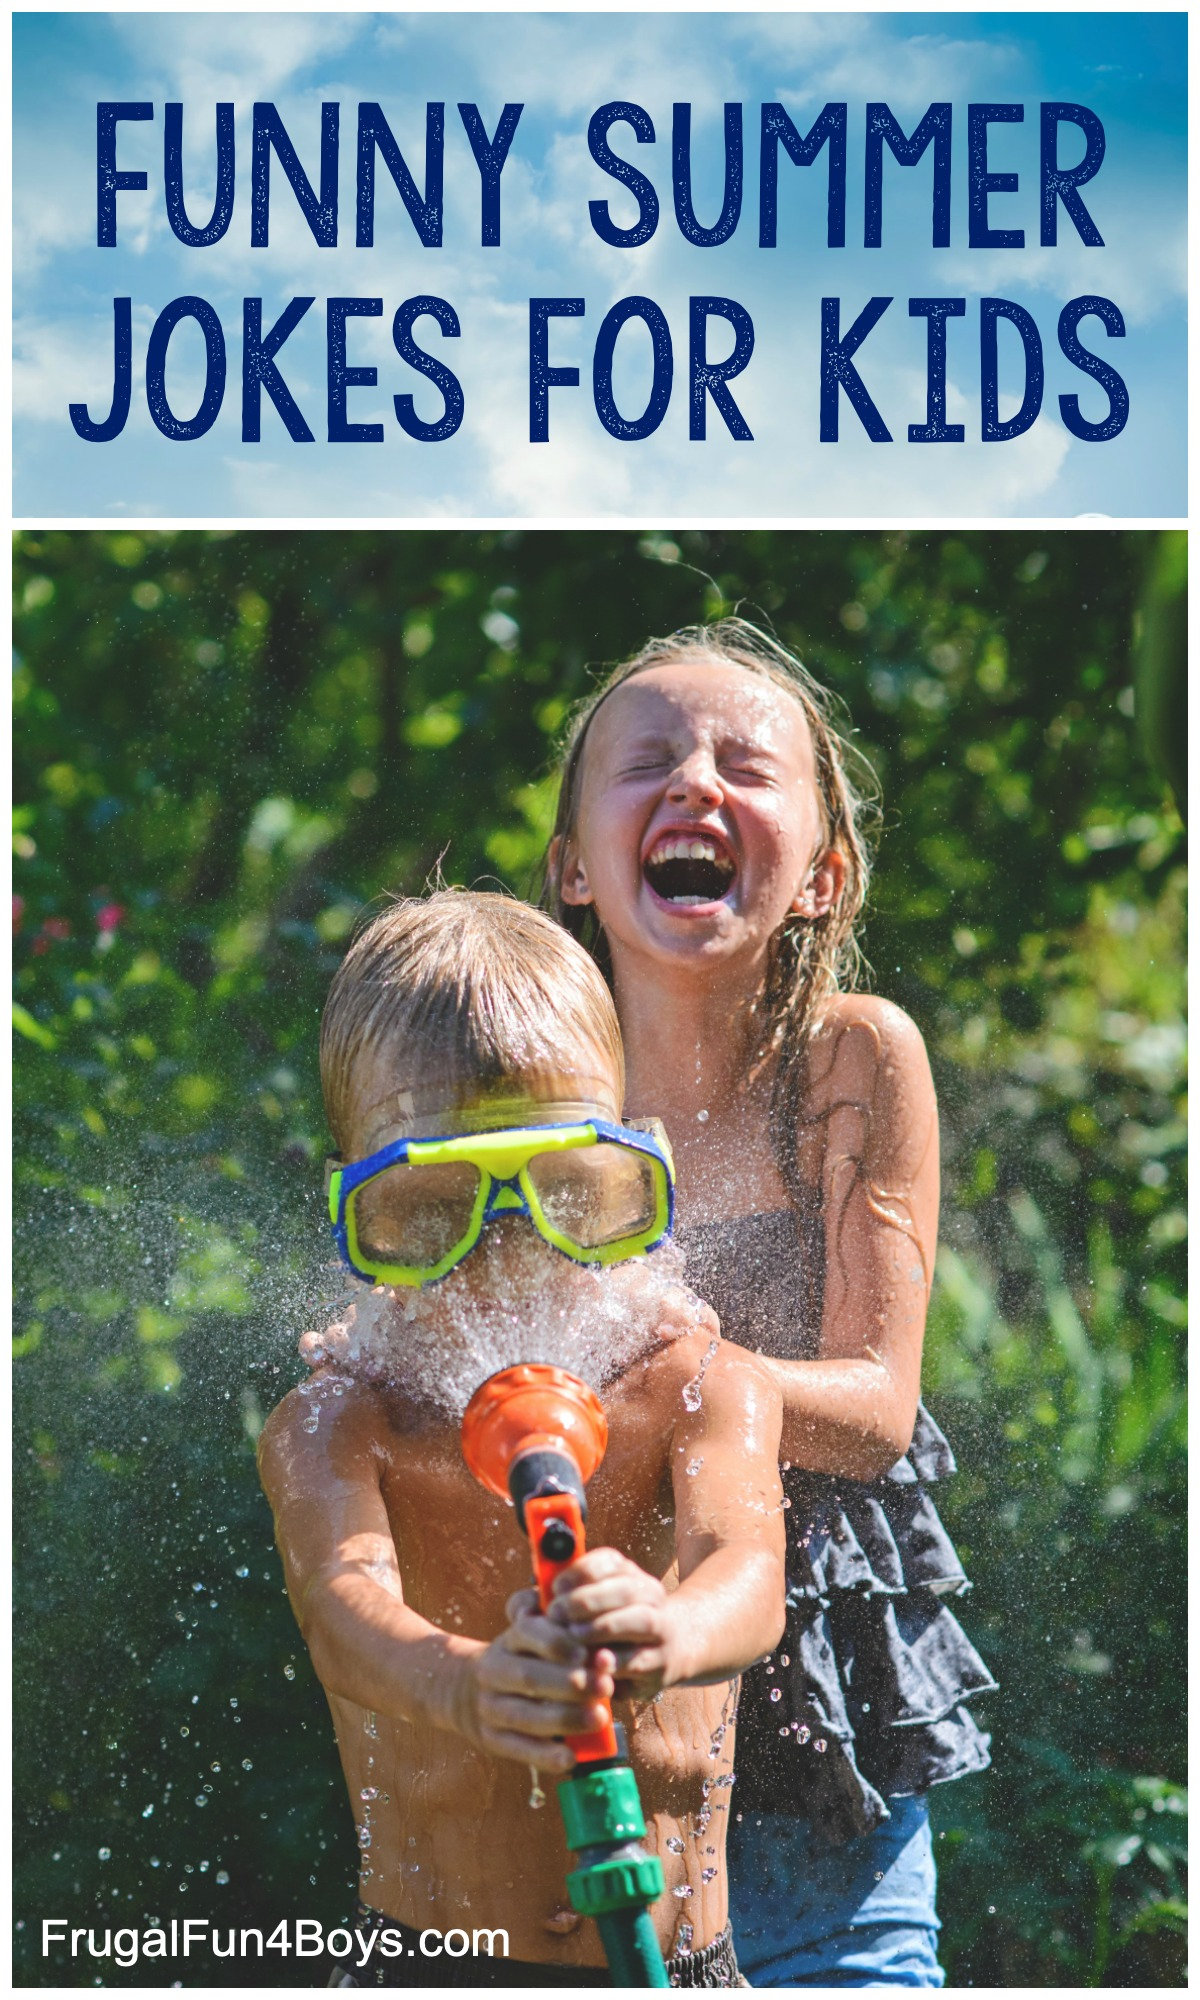 Summer jokes for kids